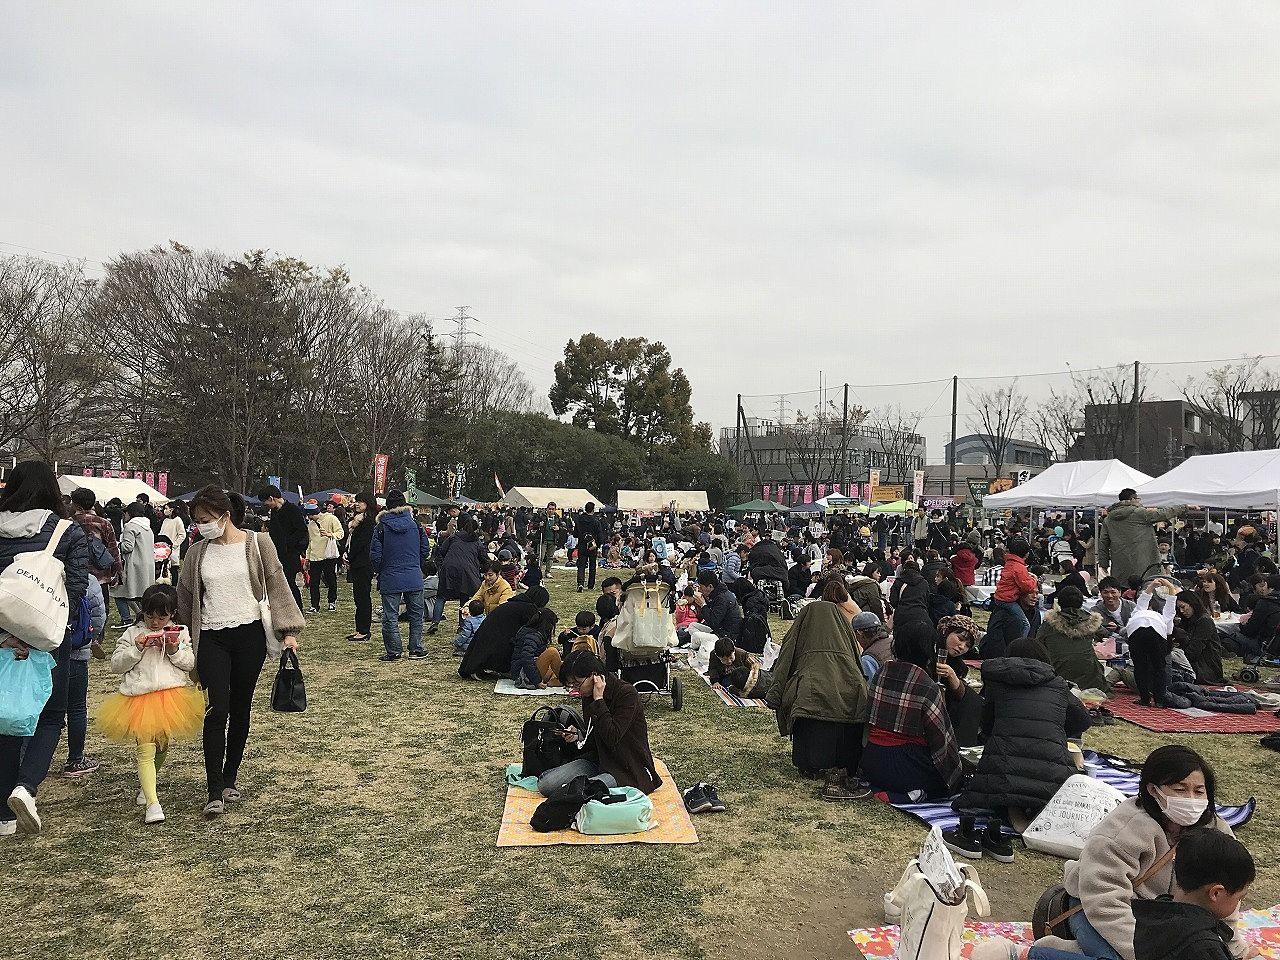 2019年たまプラーザ桜まつり(たまプラーザ桜フェスティバル)